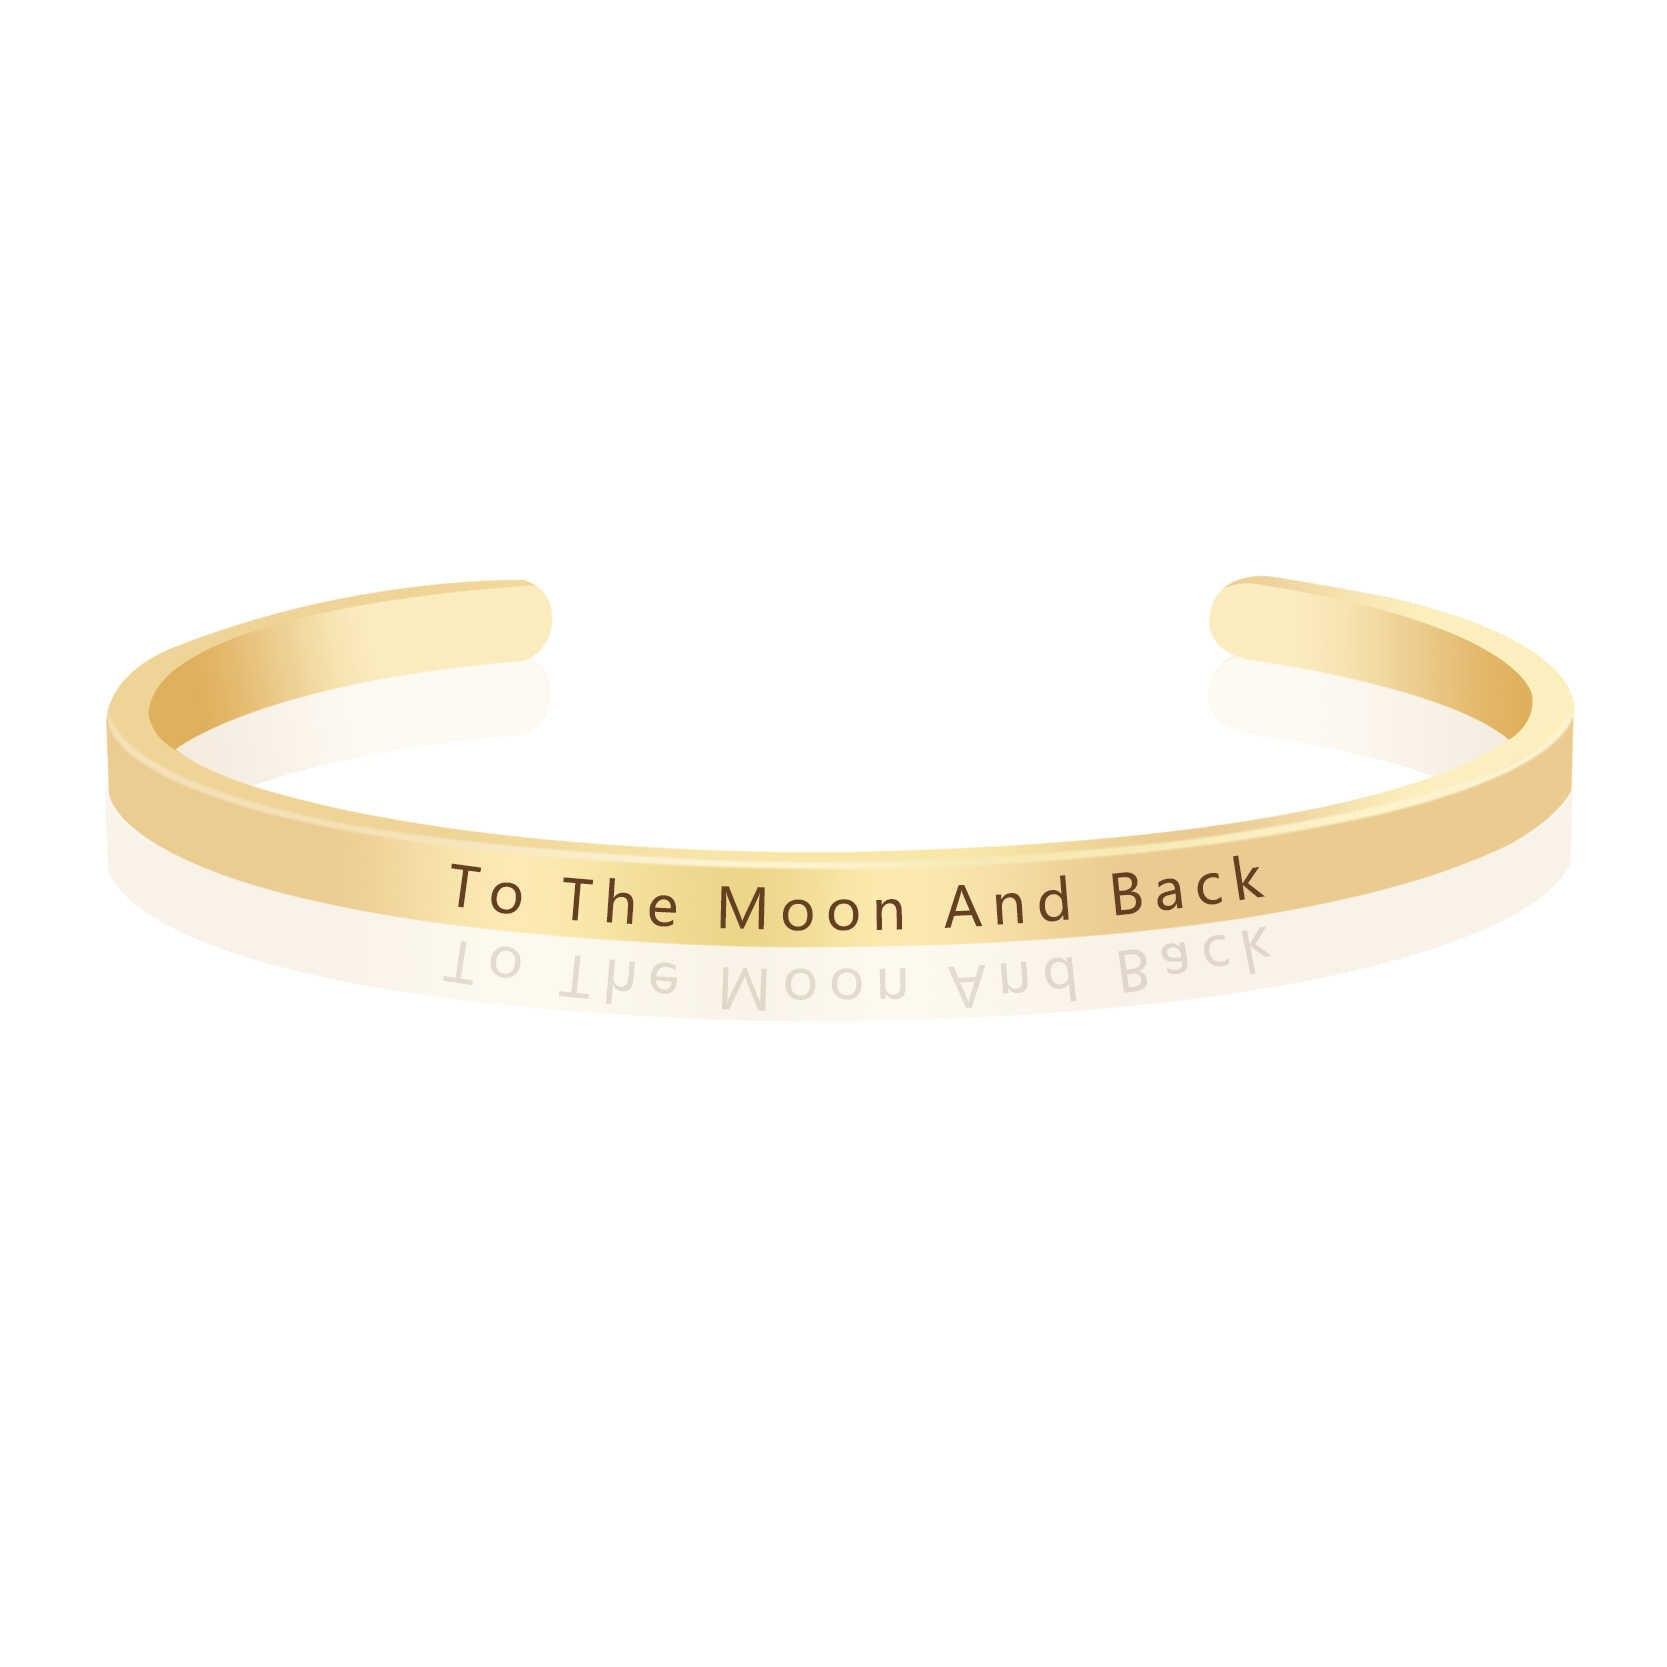 לירח ובחזרה חקוק השראה חיובי ציטוט צמידי קאף צמיד צמידי אופנה גברים נשים נסיעות אבזרים